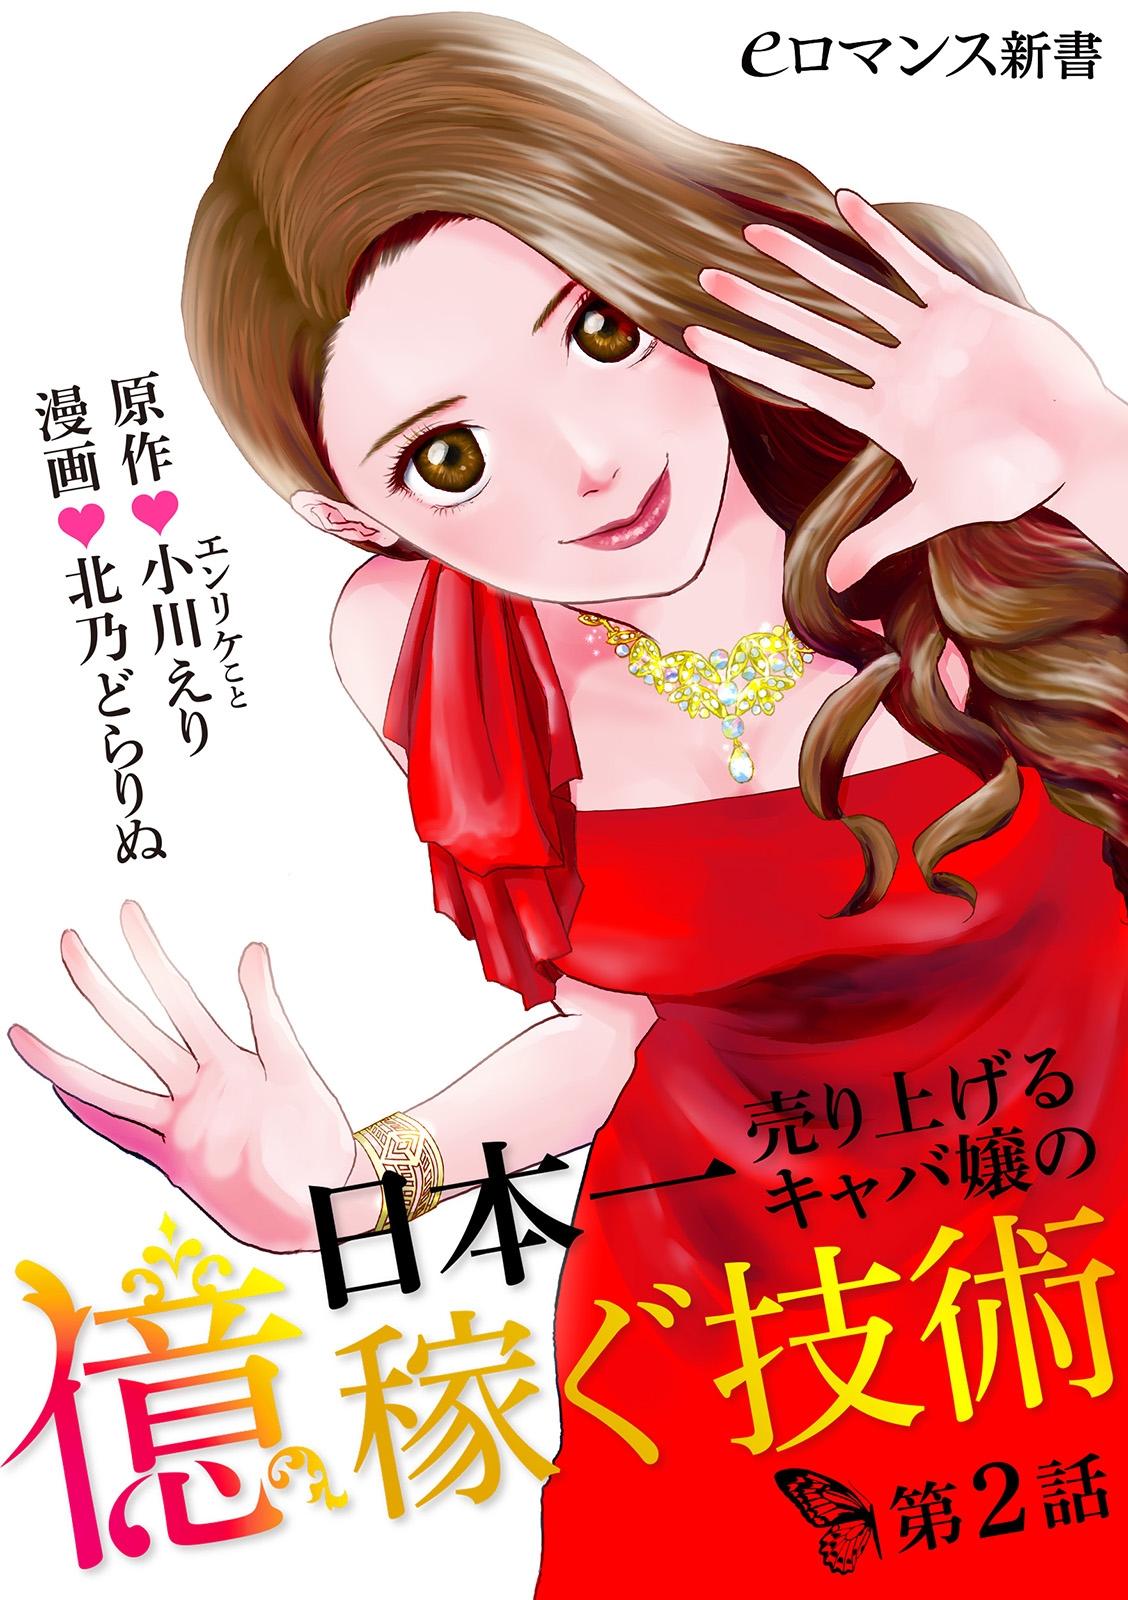 日本一売り上げるキャバ嬢の億稼ぐ技術【第2話】